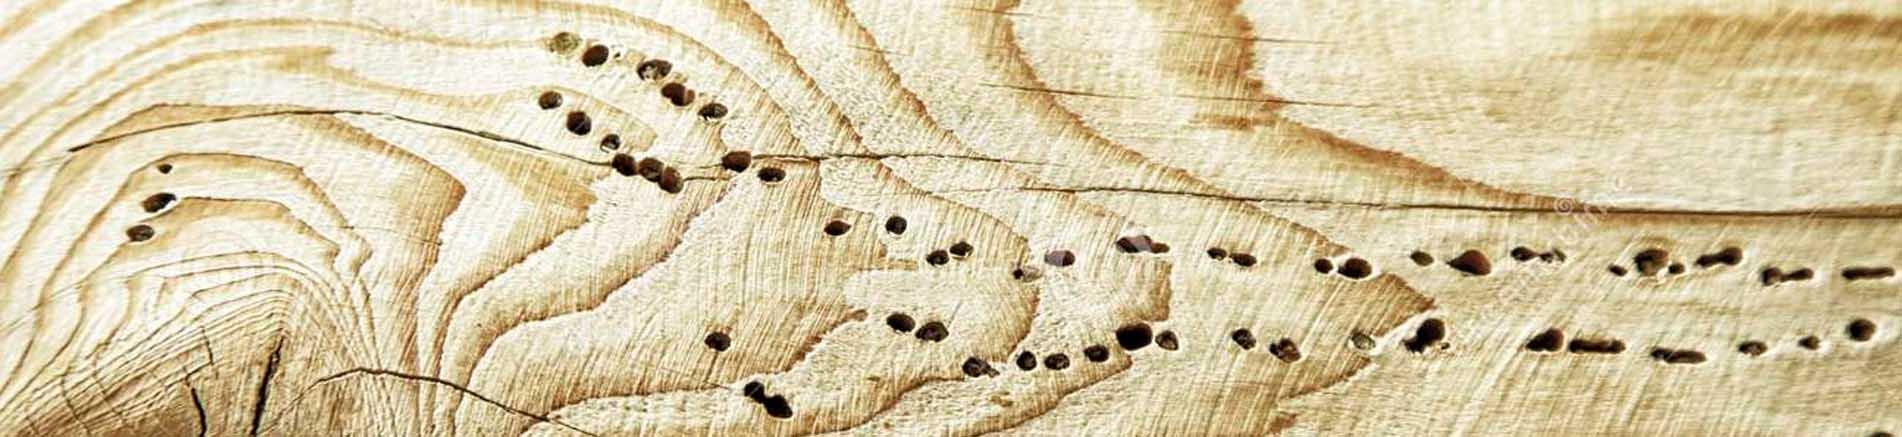 Trattamento anti tarlo…perchè?